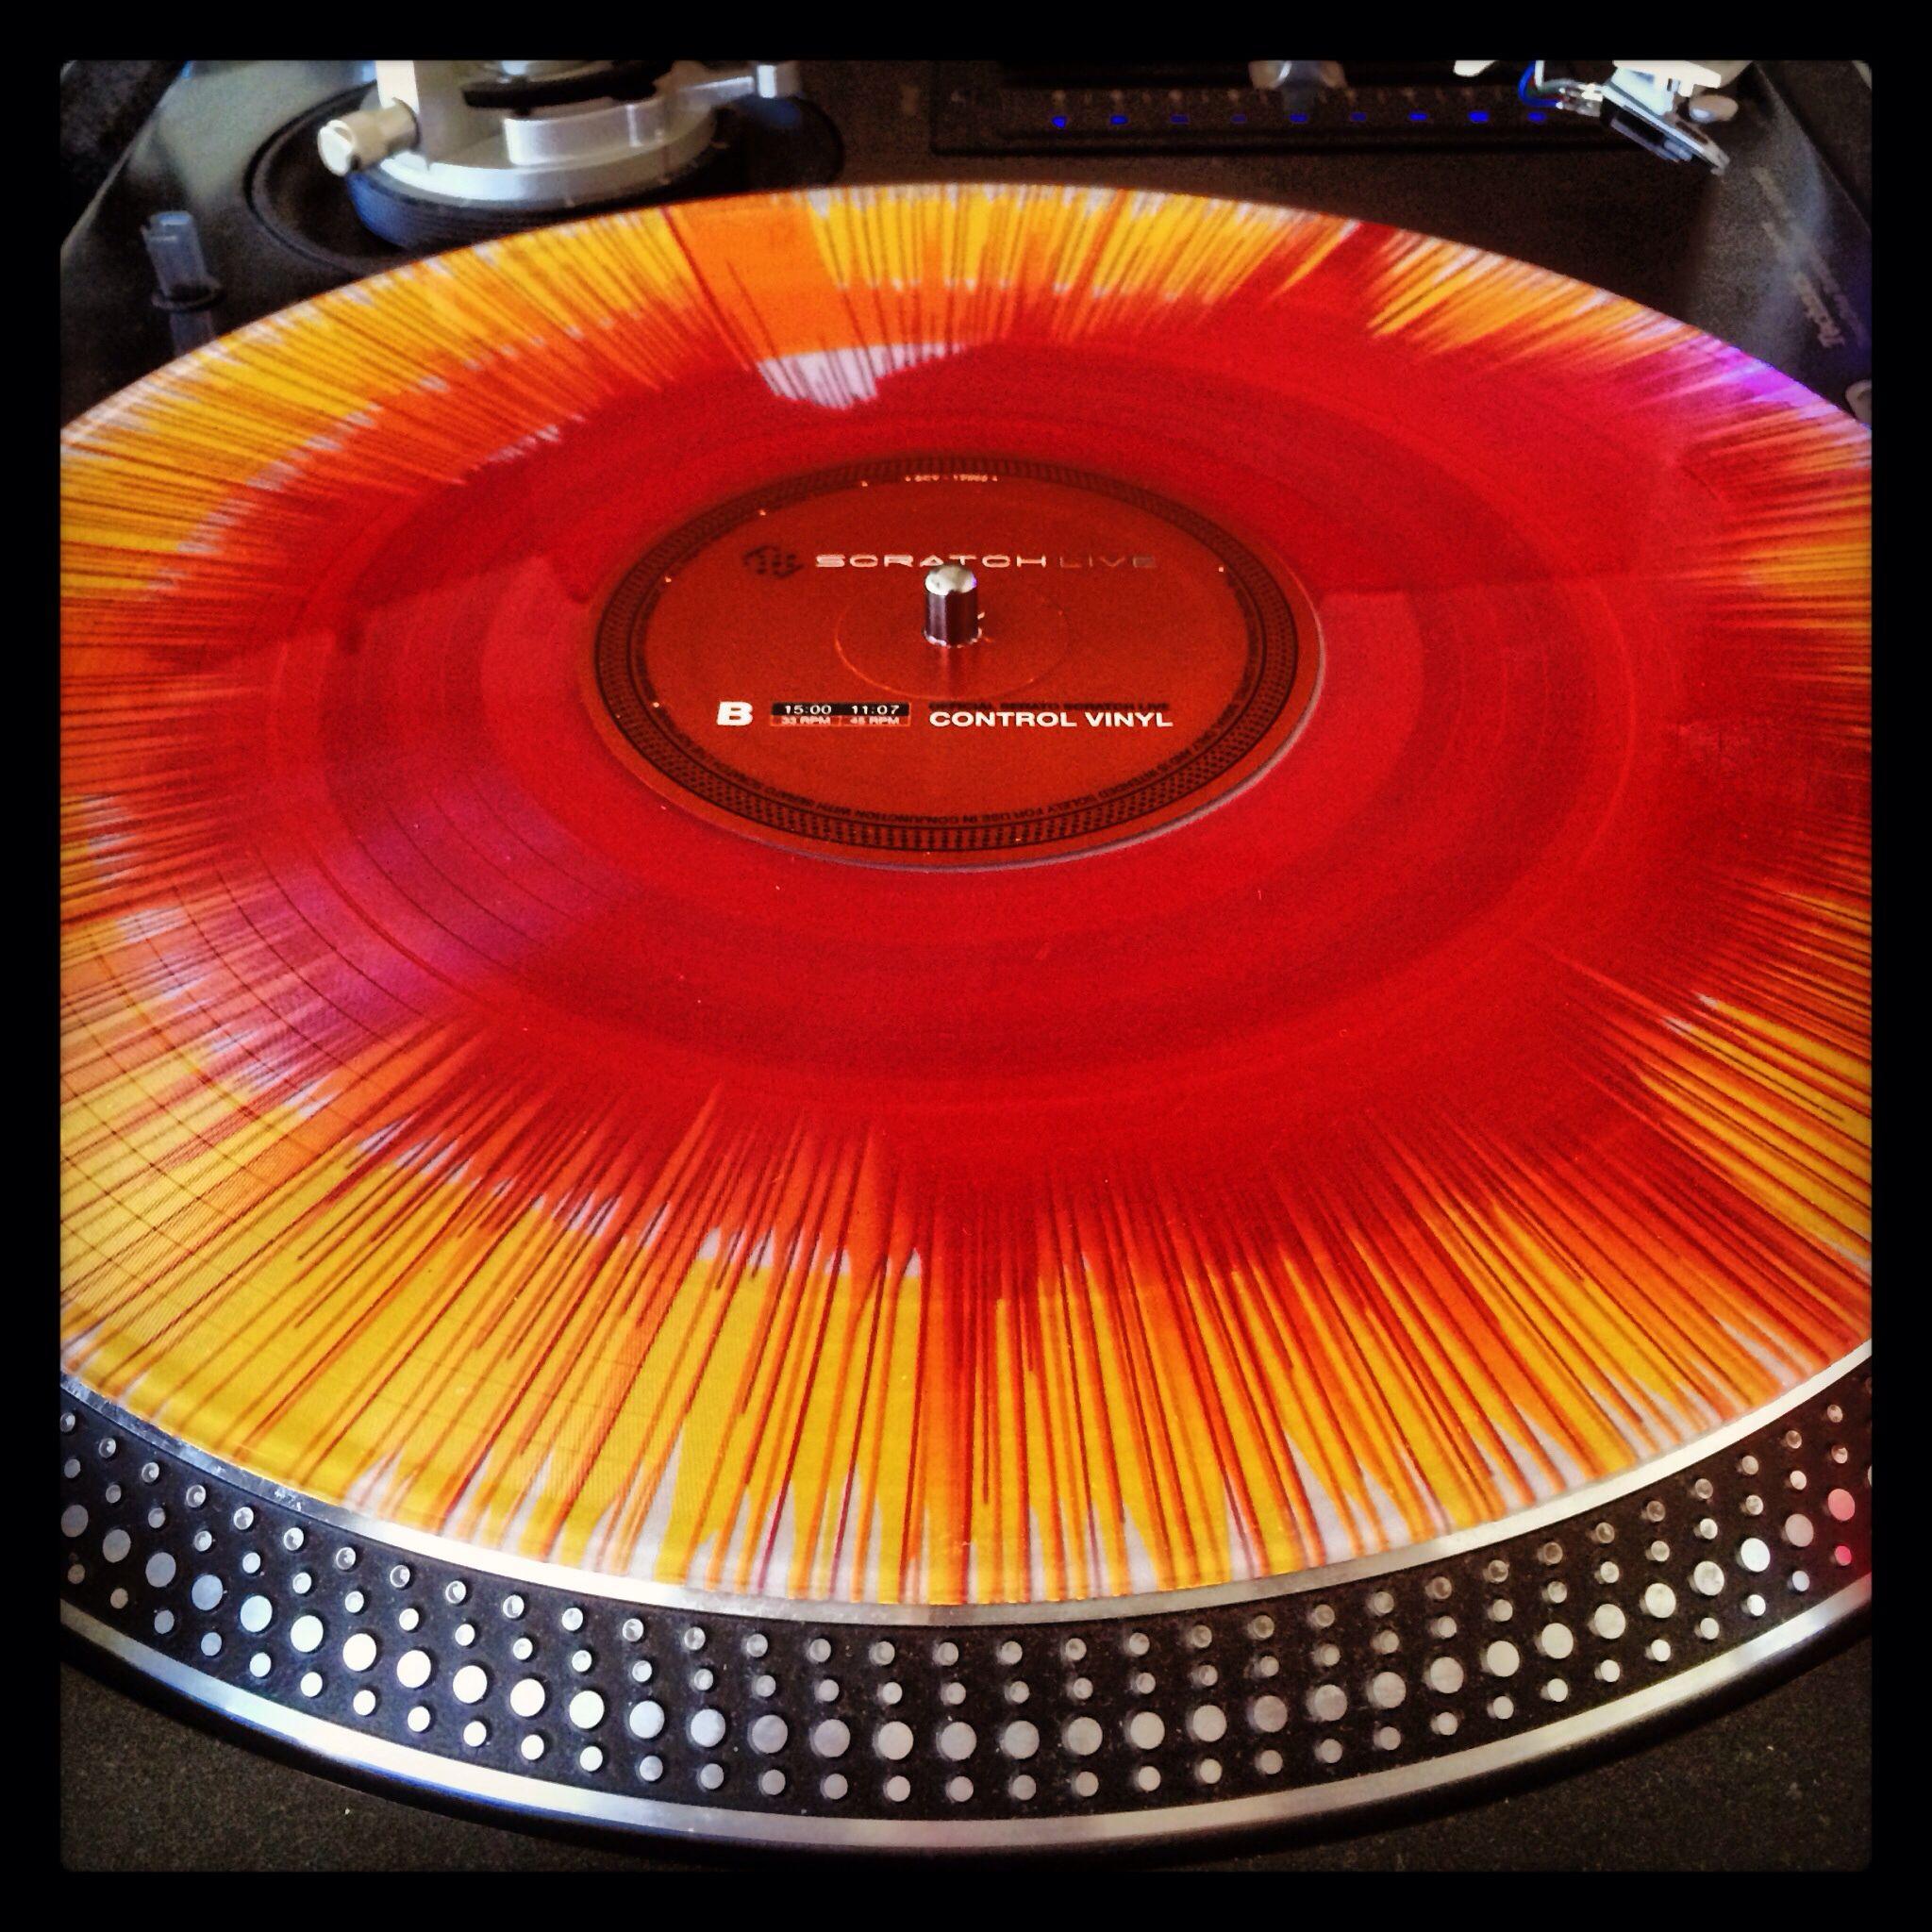 Custom Serato Rane Control Vinyl From Oj Dawoodi Turn Table Vinyl Vinyl Dj Equipment